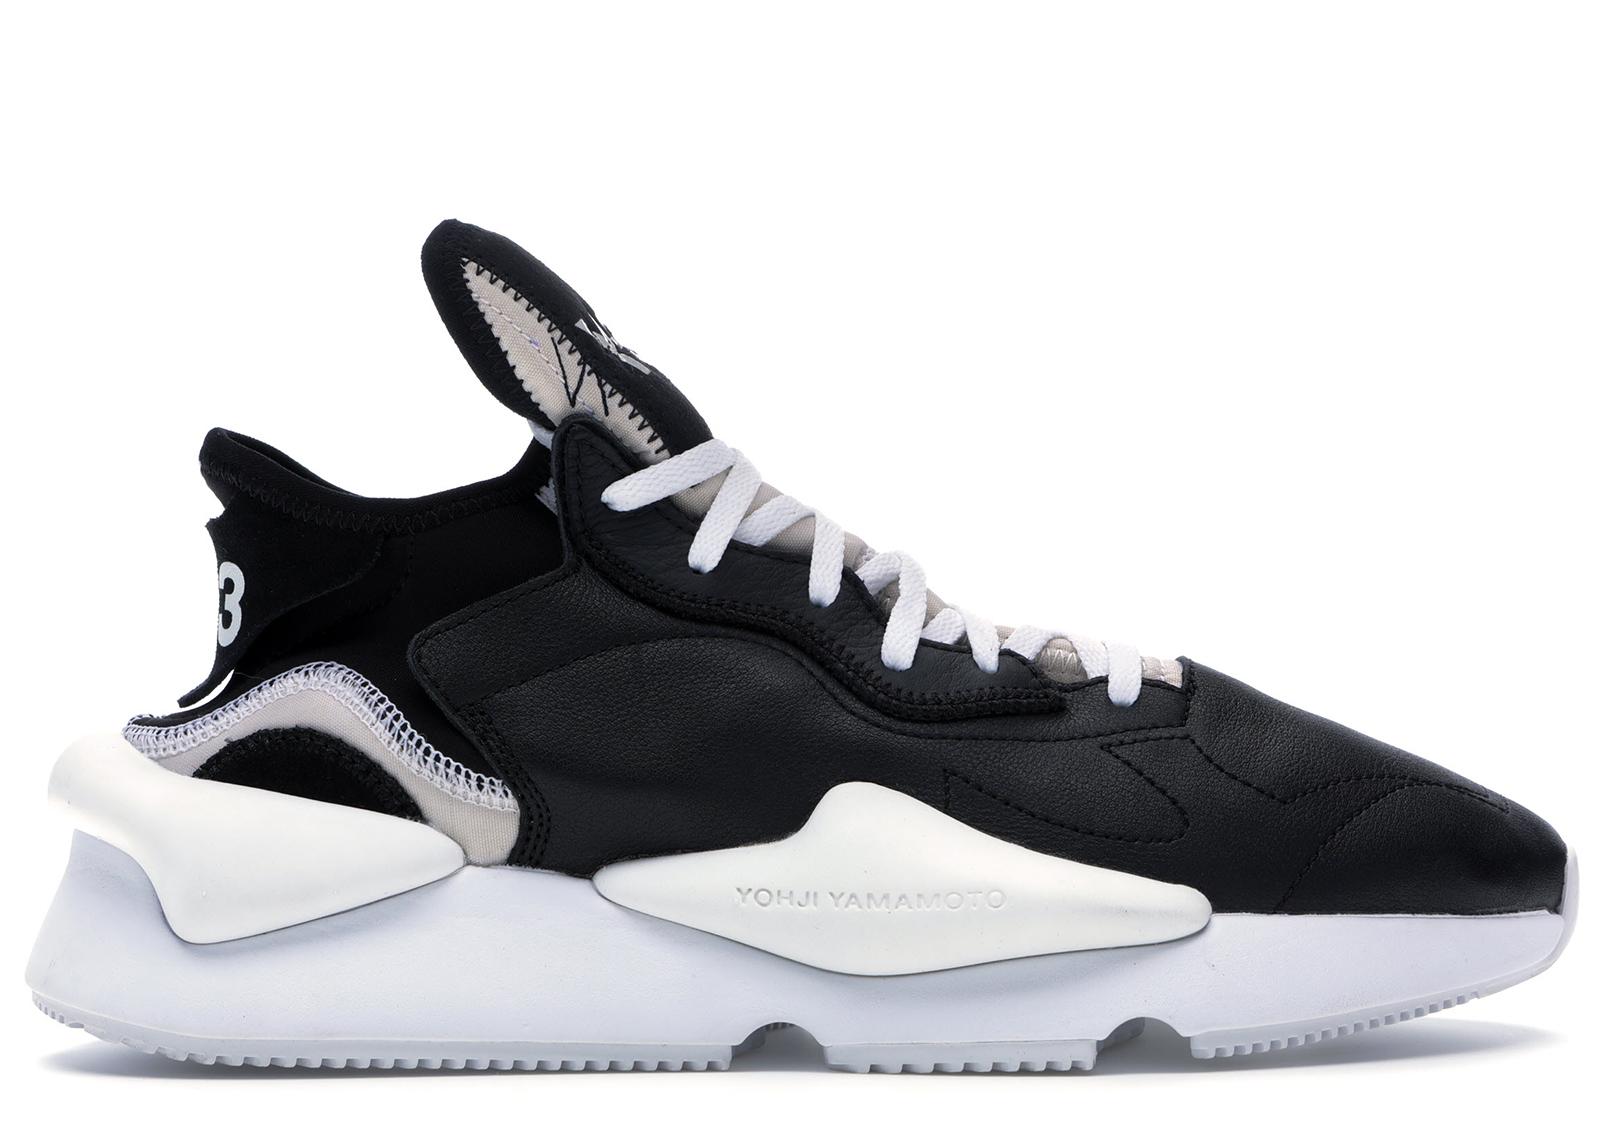 adidas Y-3 Kaiwa Black White - BC0908